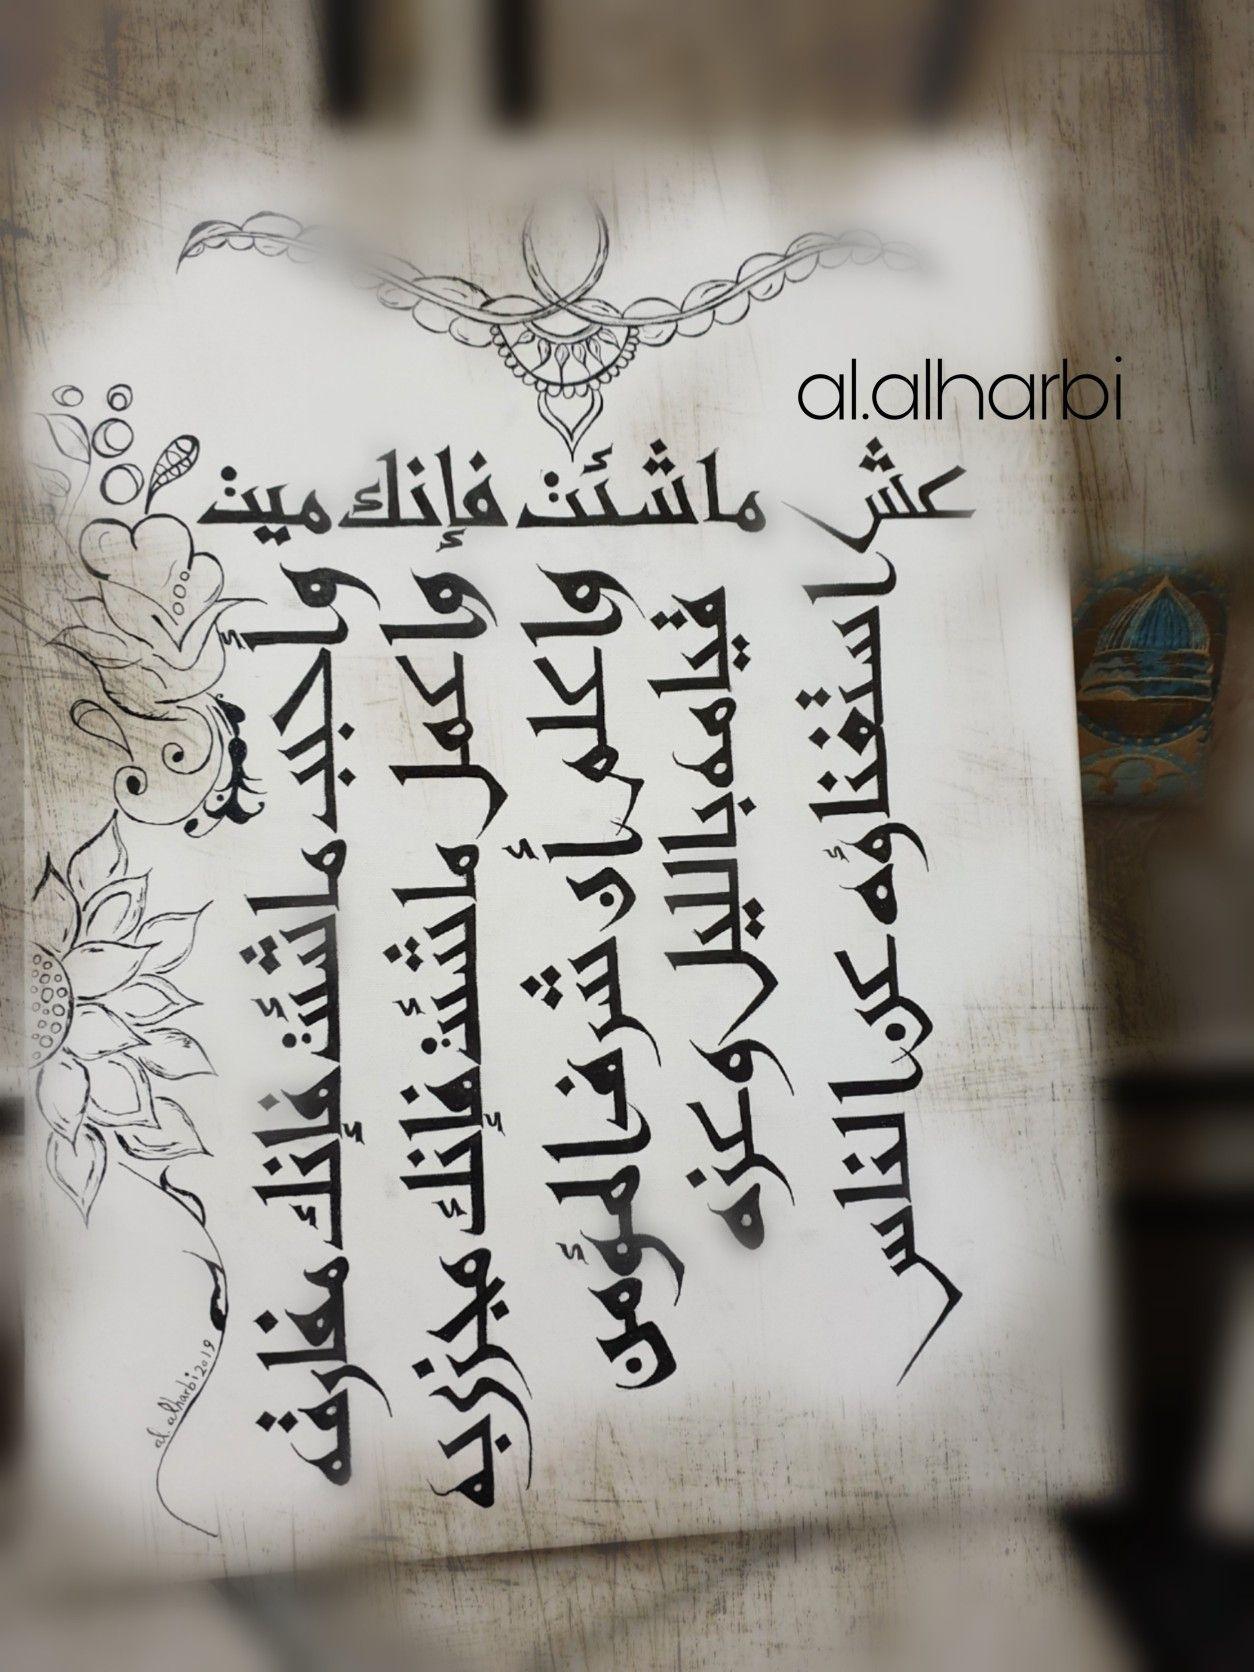 عش ما شئت فإنك ميت و أحبب ما شئت فإنك مفارقه و اعمل ما شئت فإنك مجزى به و اعلم أن شرف المؤمن قيامه بالل Hadith Sharif Islamic Pictures Hadith